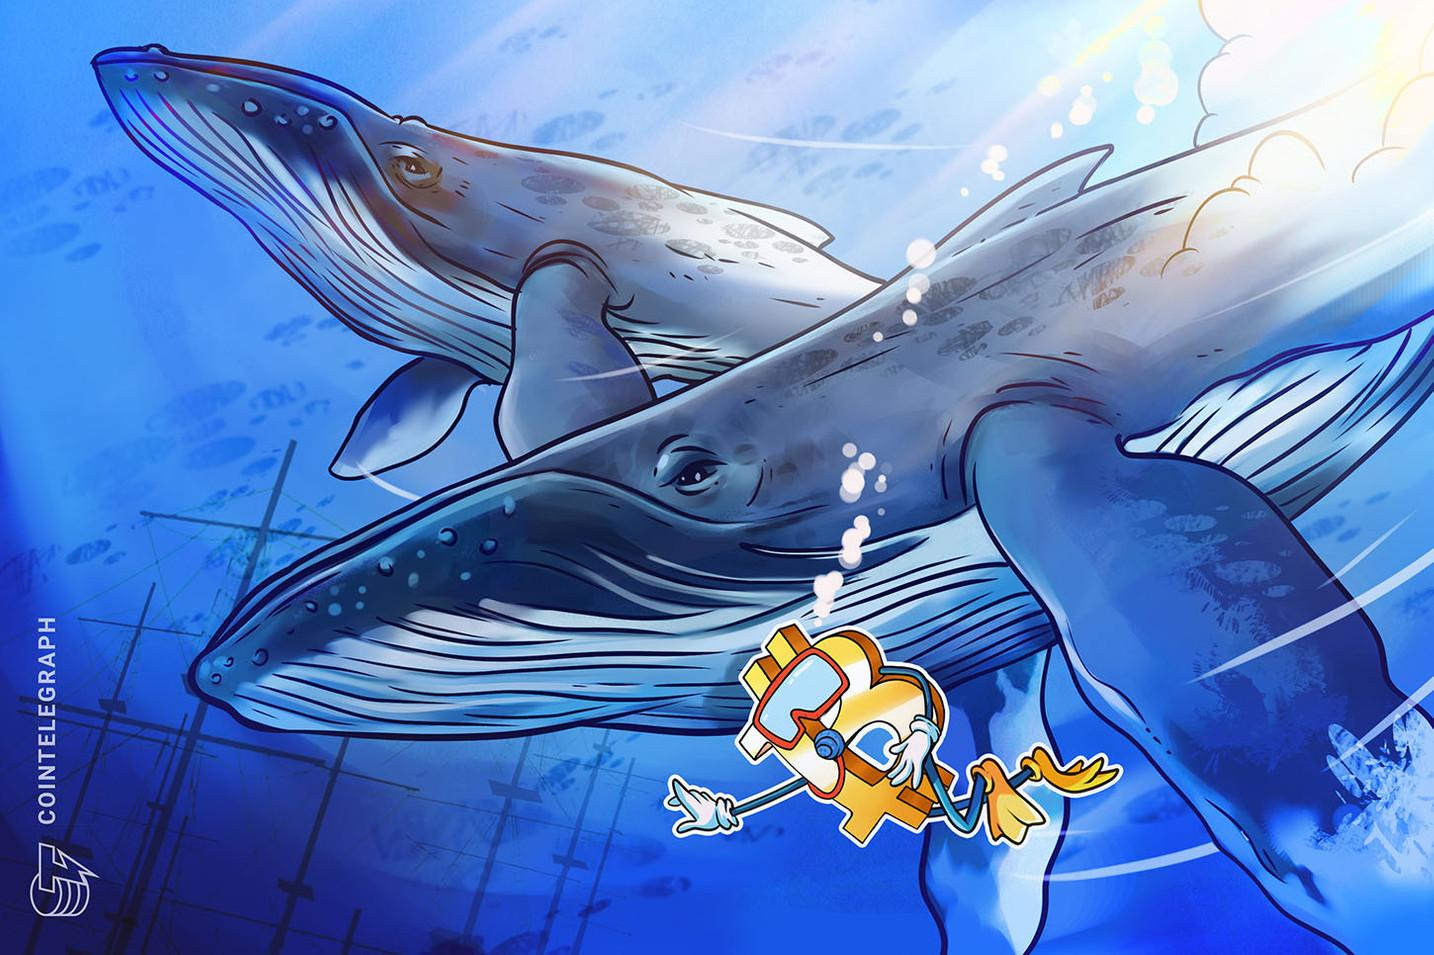 Segundo novo estudo, concentração de Bitcoins nas mãos de baleias é muito menor do que dados anteriores mostravam